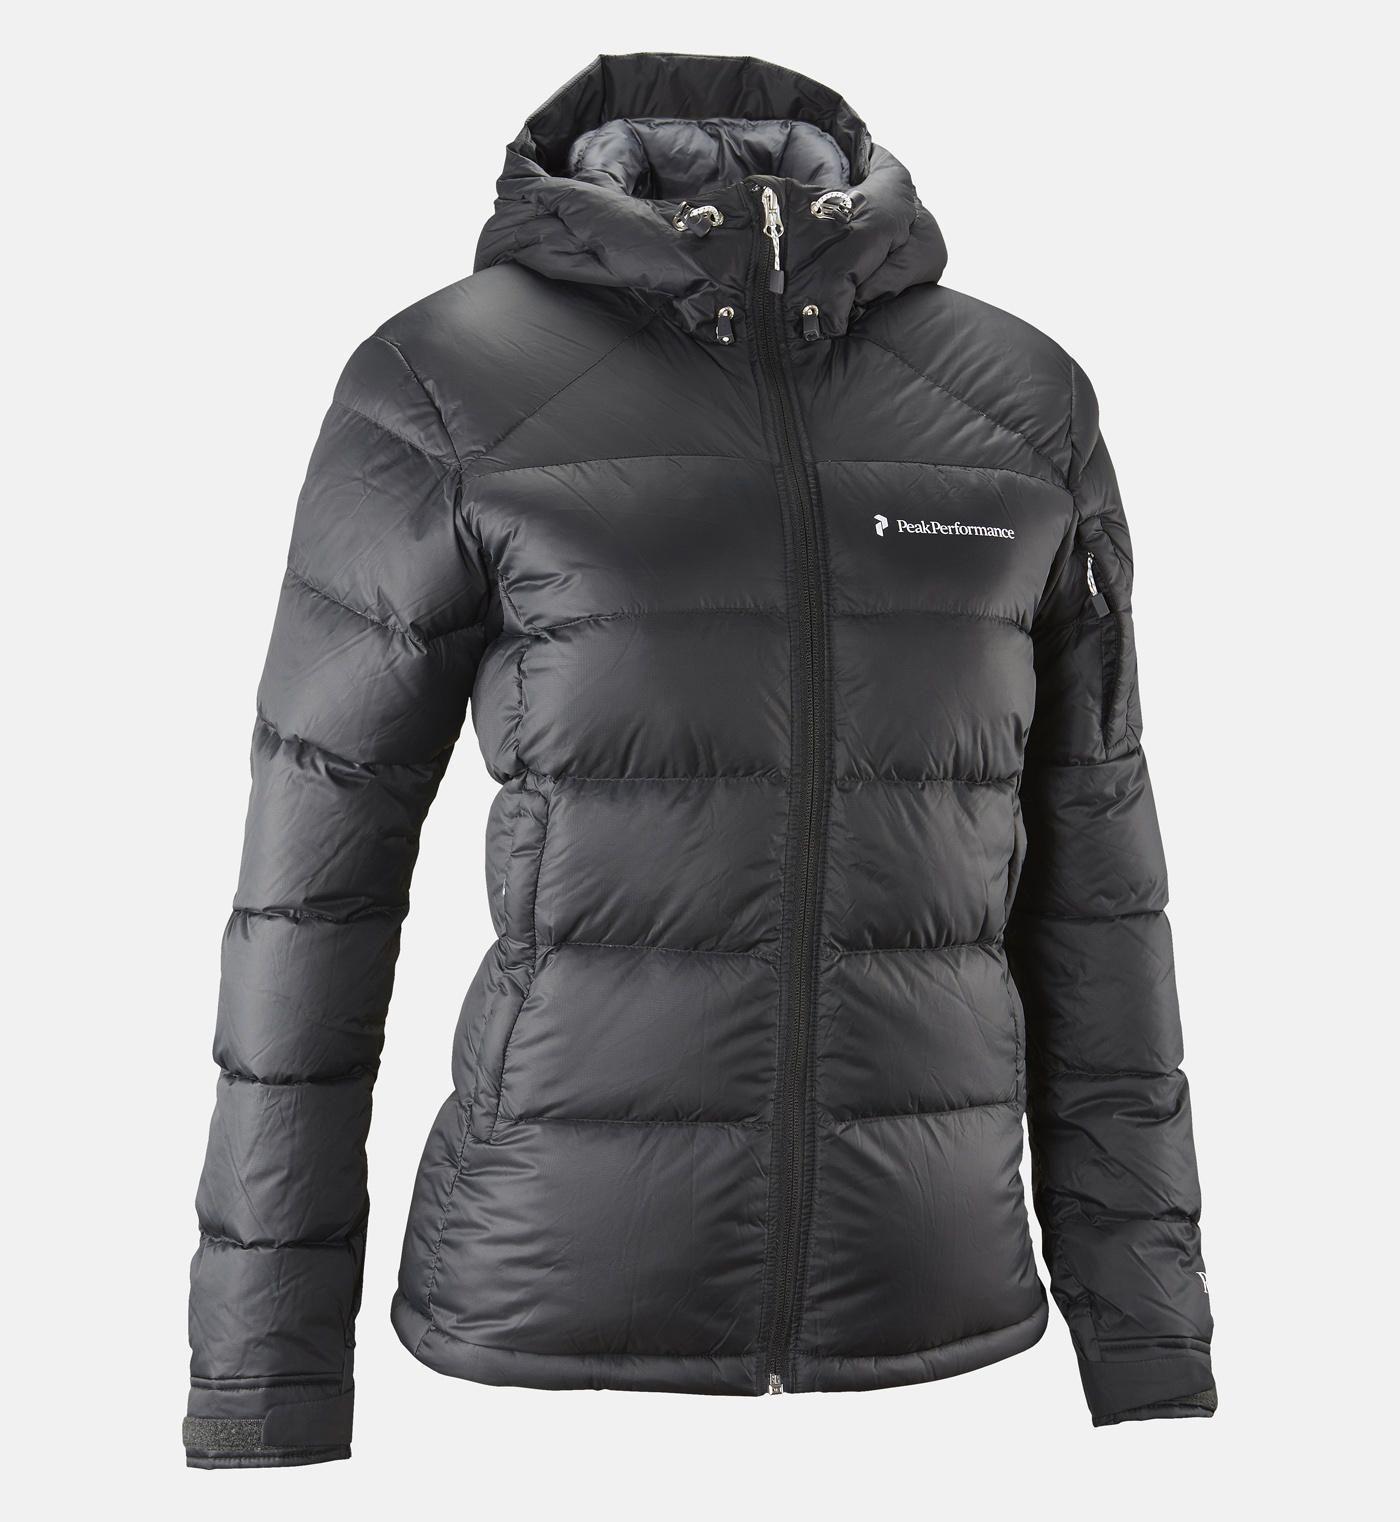 bra kvalitet rabatt butik gratis frakt Women´s Frost Down Jacket - coming soon - Peak Performance ...